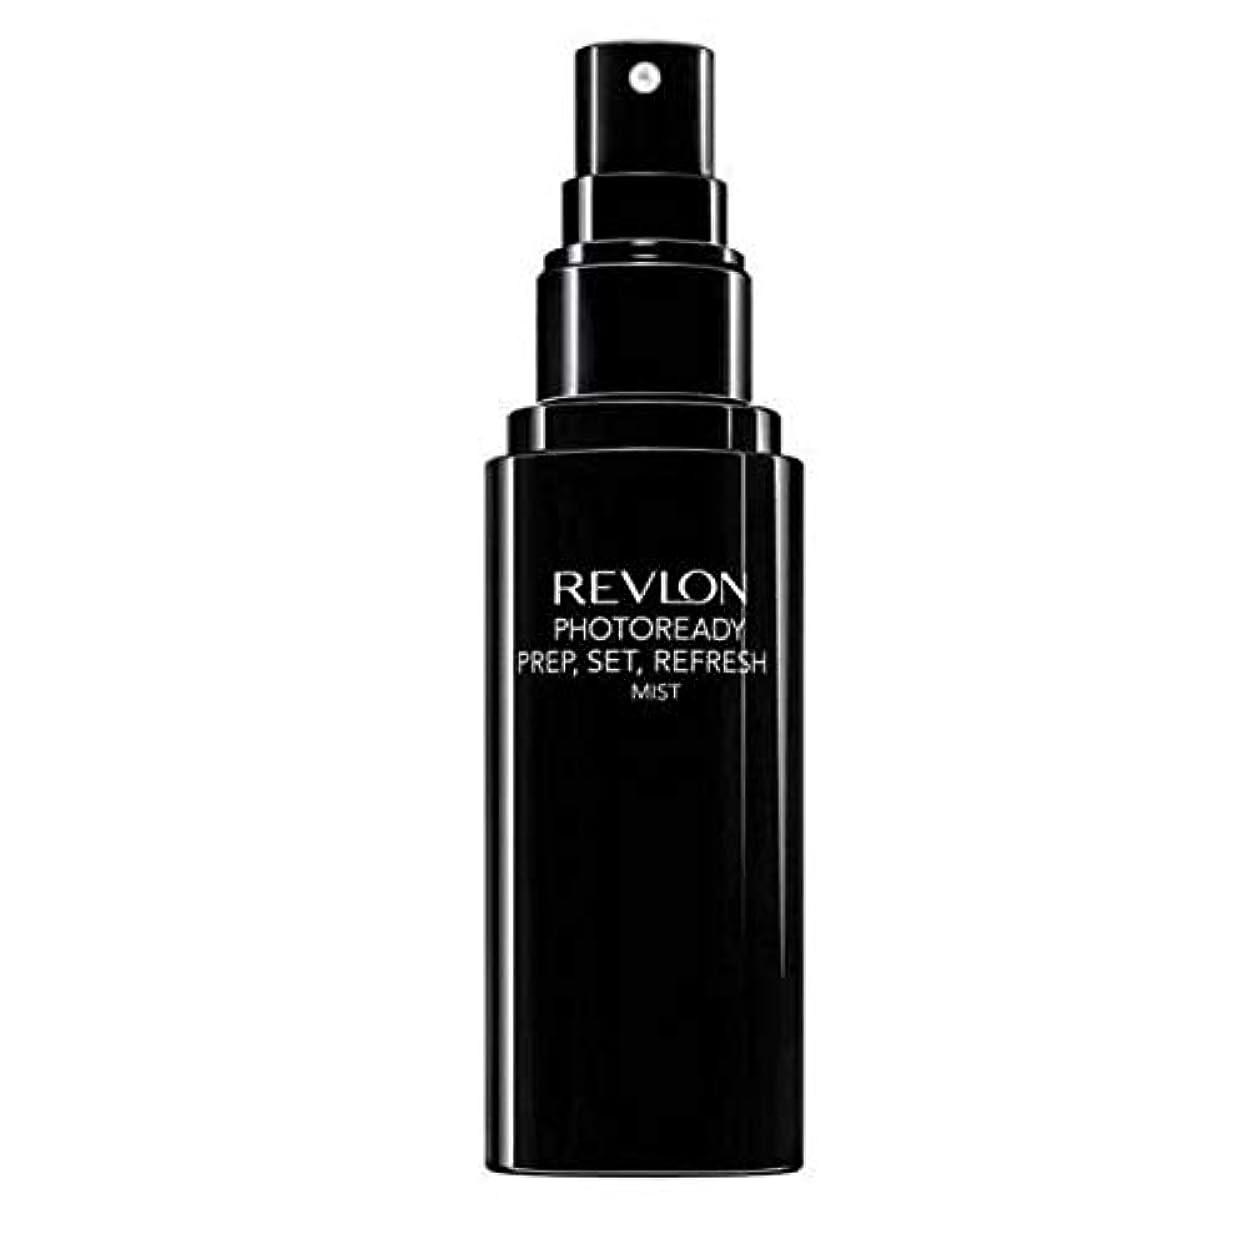 征服する複雑なフィットネス[Revlon ] レブロンPhotoready準備、セット、リフレッシュミスト - Revlon PhotoReady Prep, Set, Refresh Mist [並行輸入品]